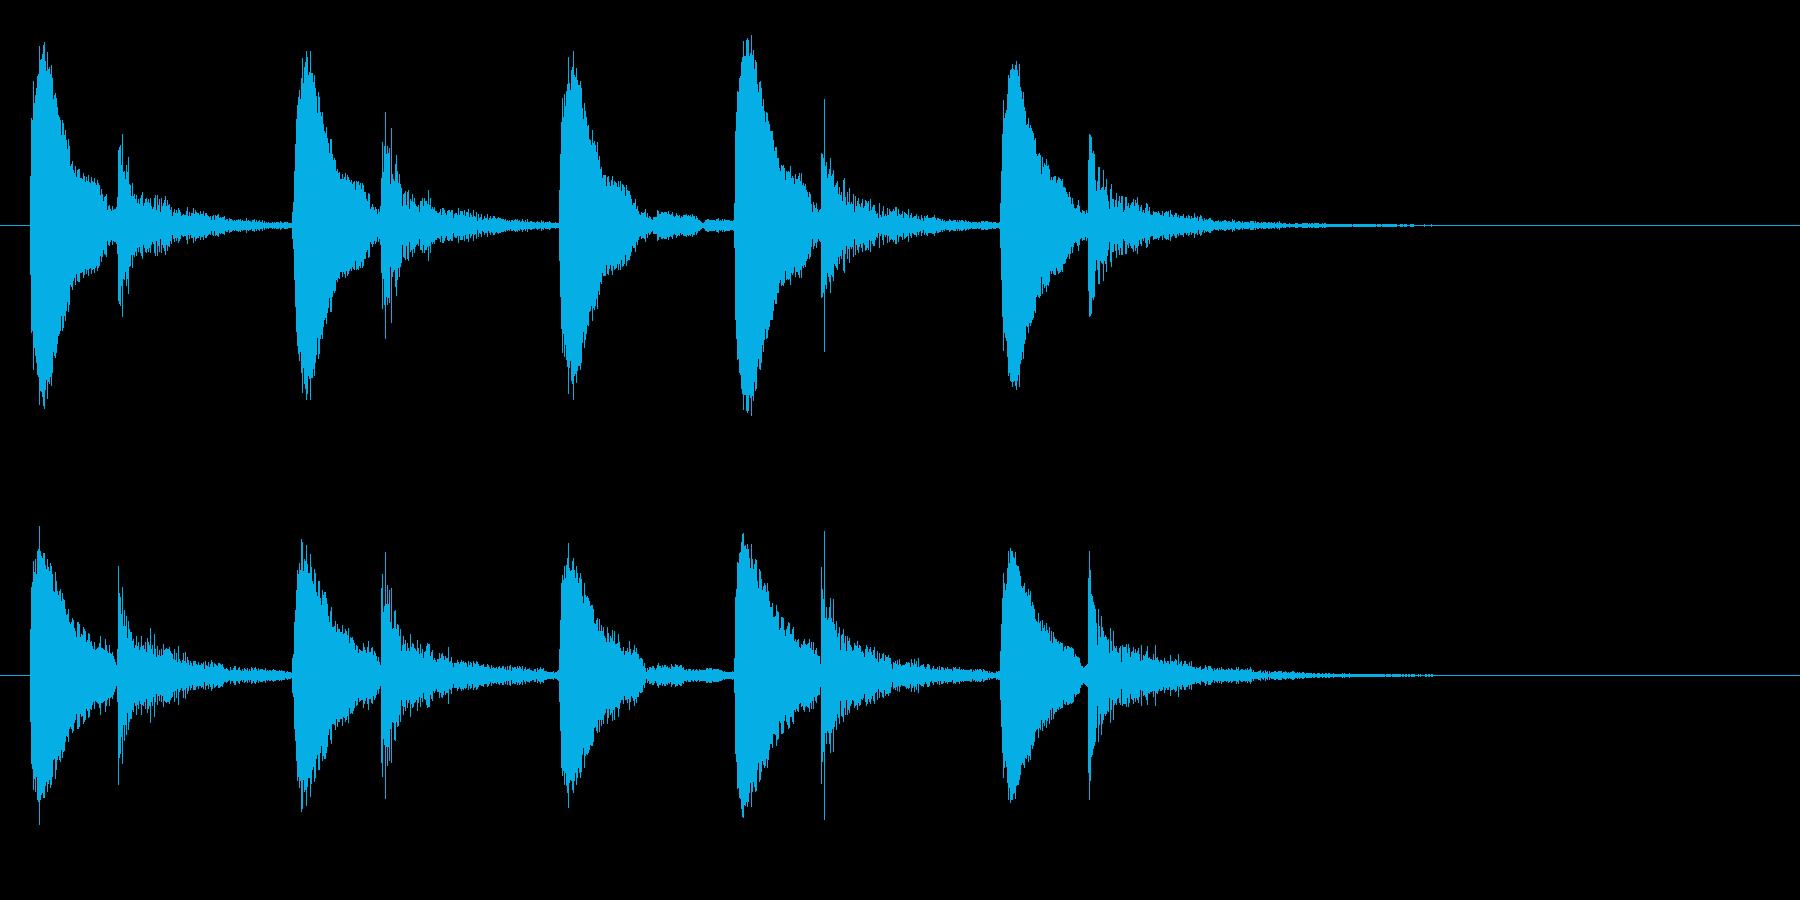 インドの桶太鼓ドールのフレーズ音+FXの再生済みの波形